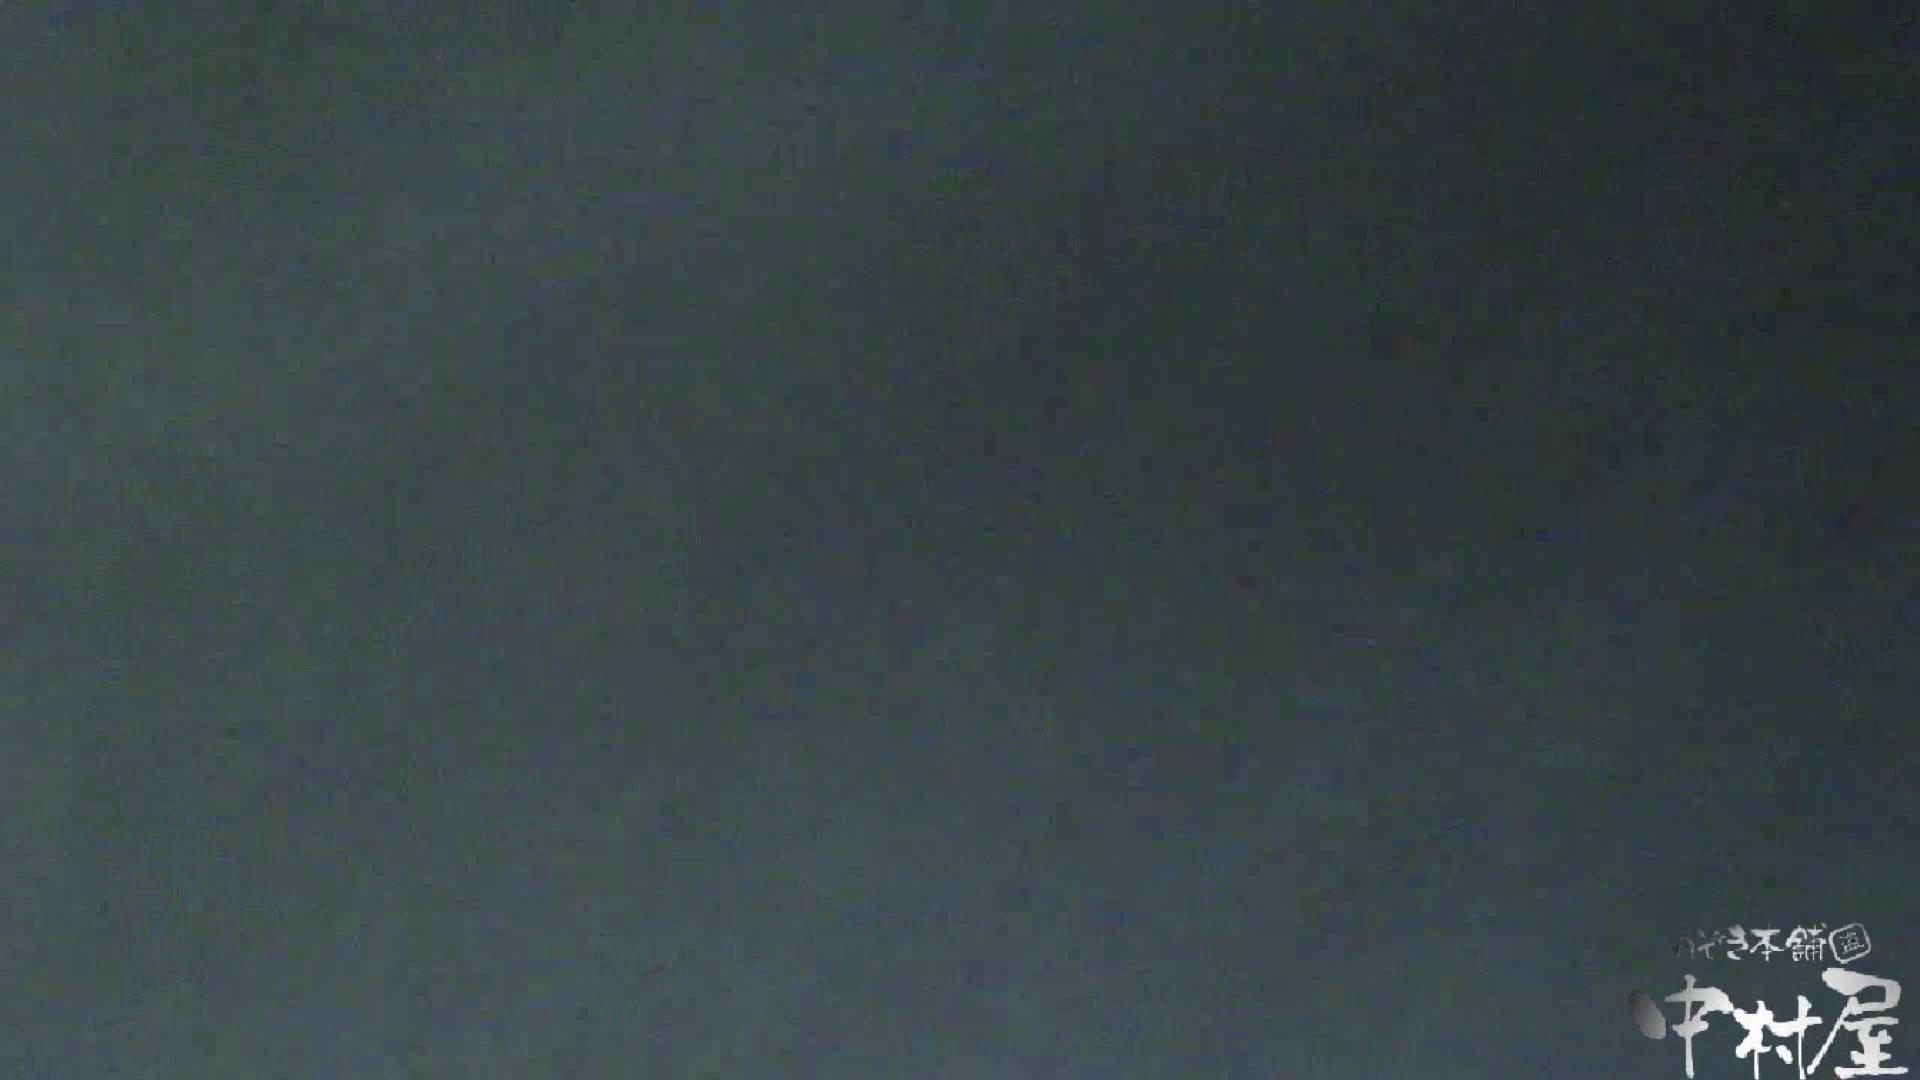 魂のかわや盗撮62連発! 丁寧にオシリをフキフキ! 38発目! 黄金水 | 盗撮特集  95画像 60